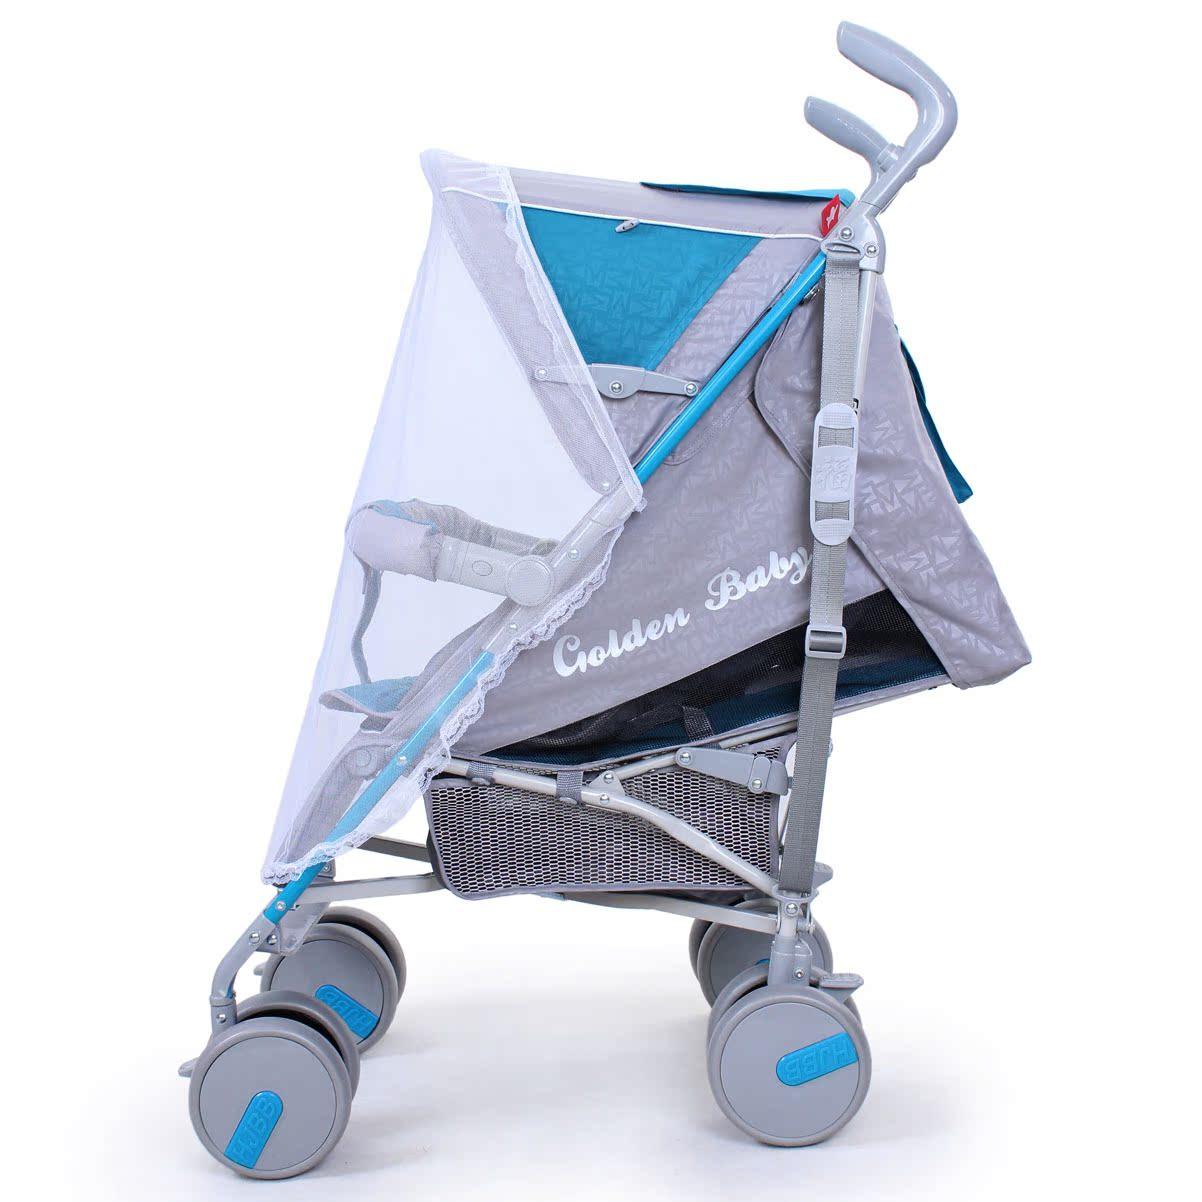 特价促销 黄金宝贝婴儿手推车童车 超轻便携伞车 棉垫肩带 豪华款 优惠 优惠